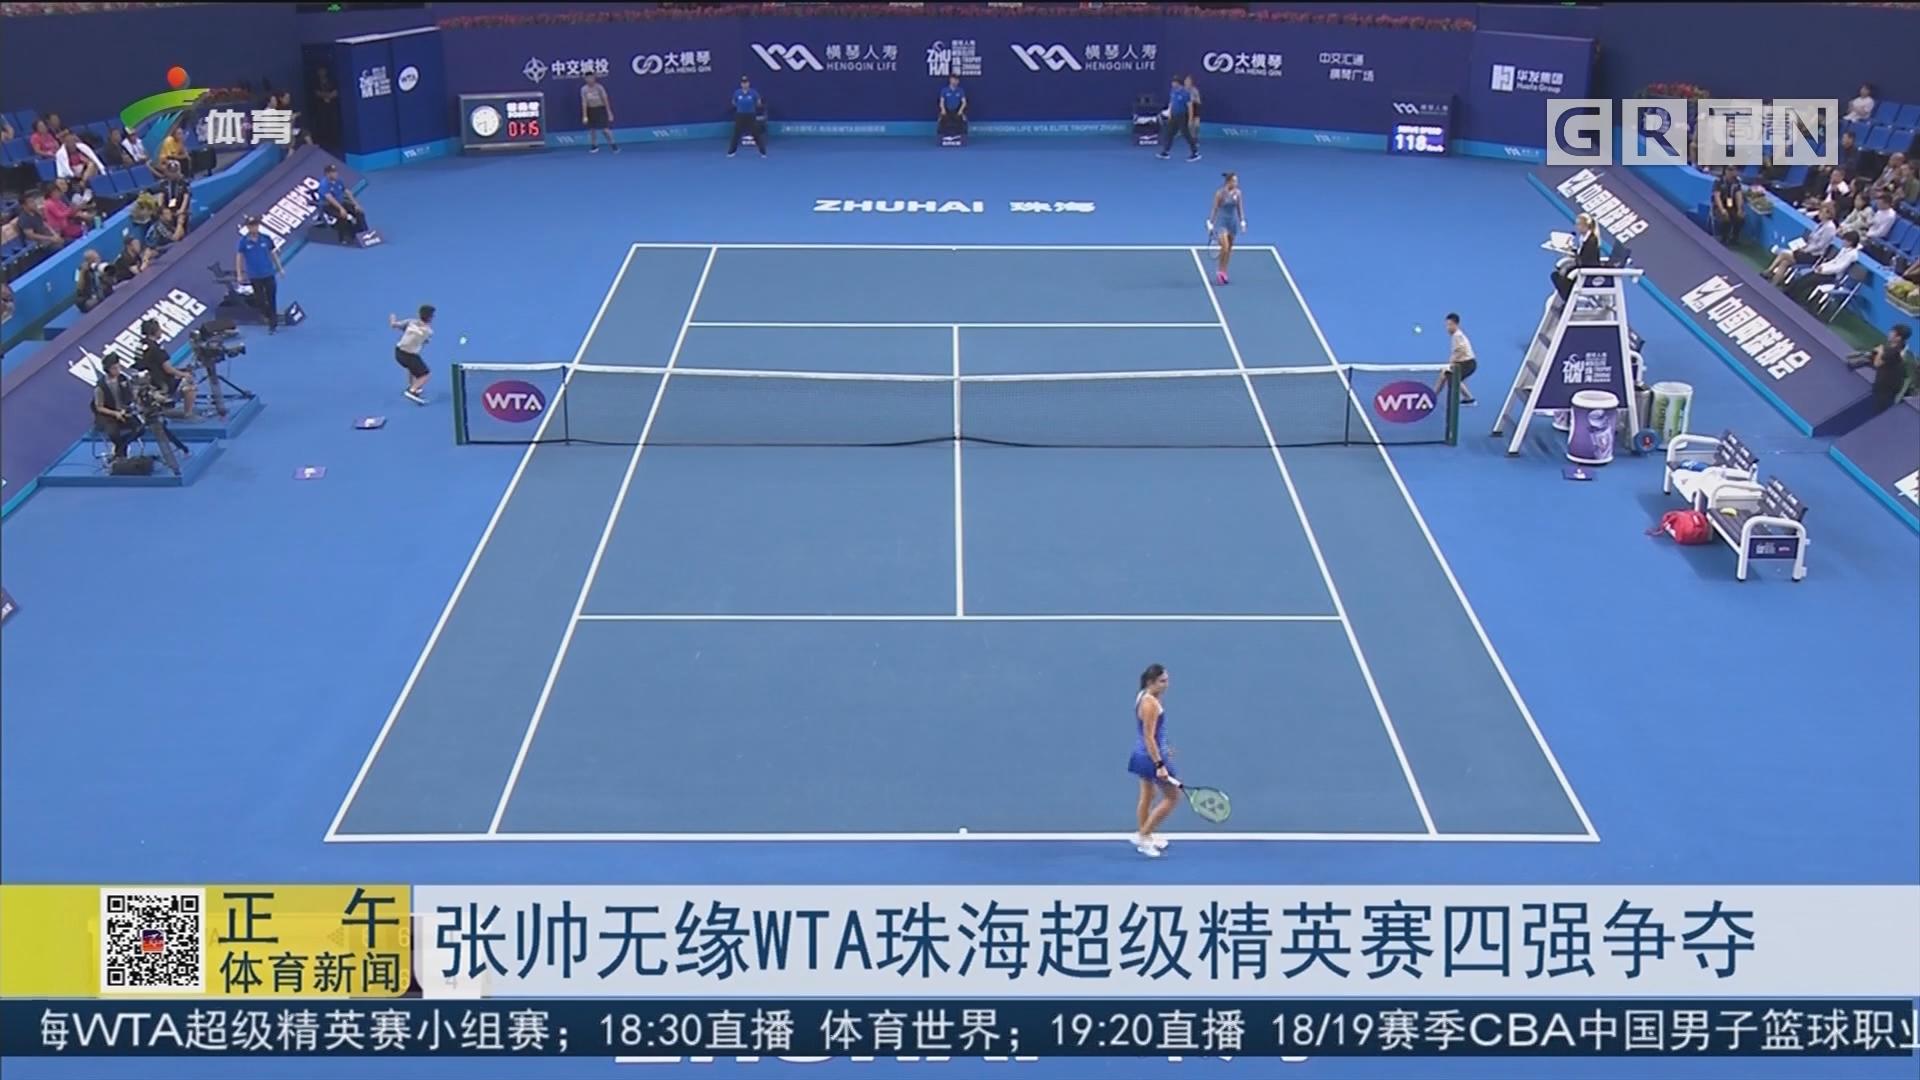 张帅无缘WTA珠海超级精英赛四强争夺